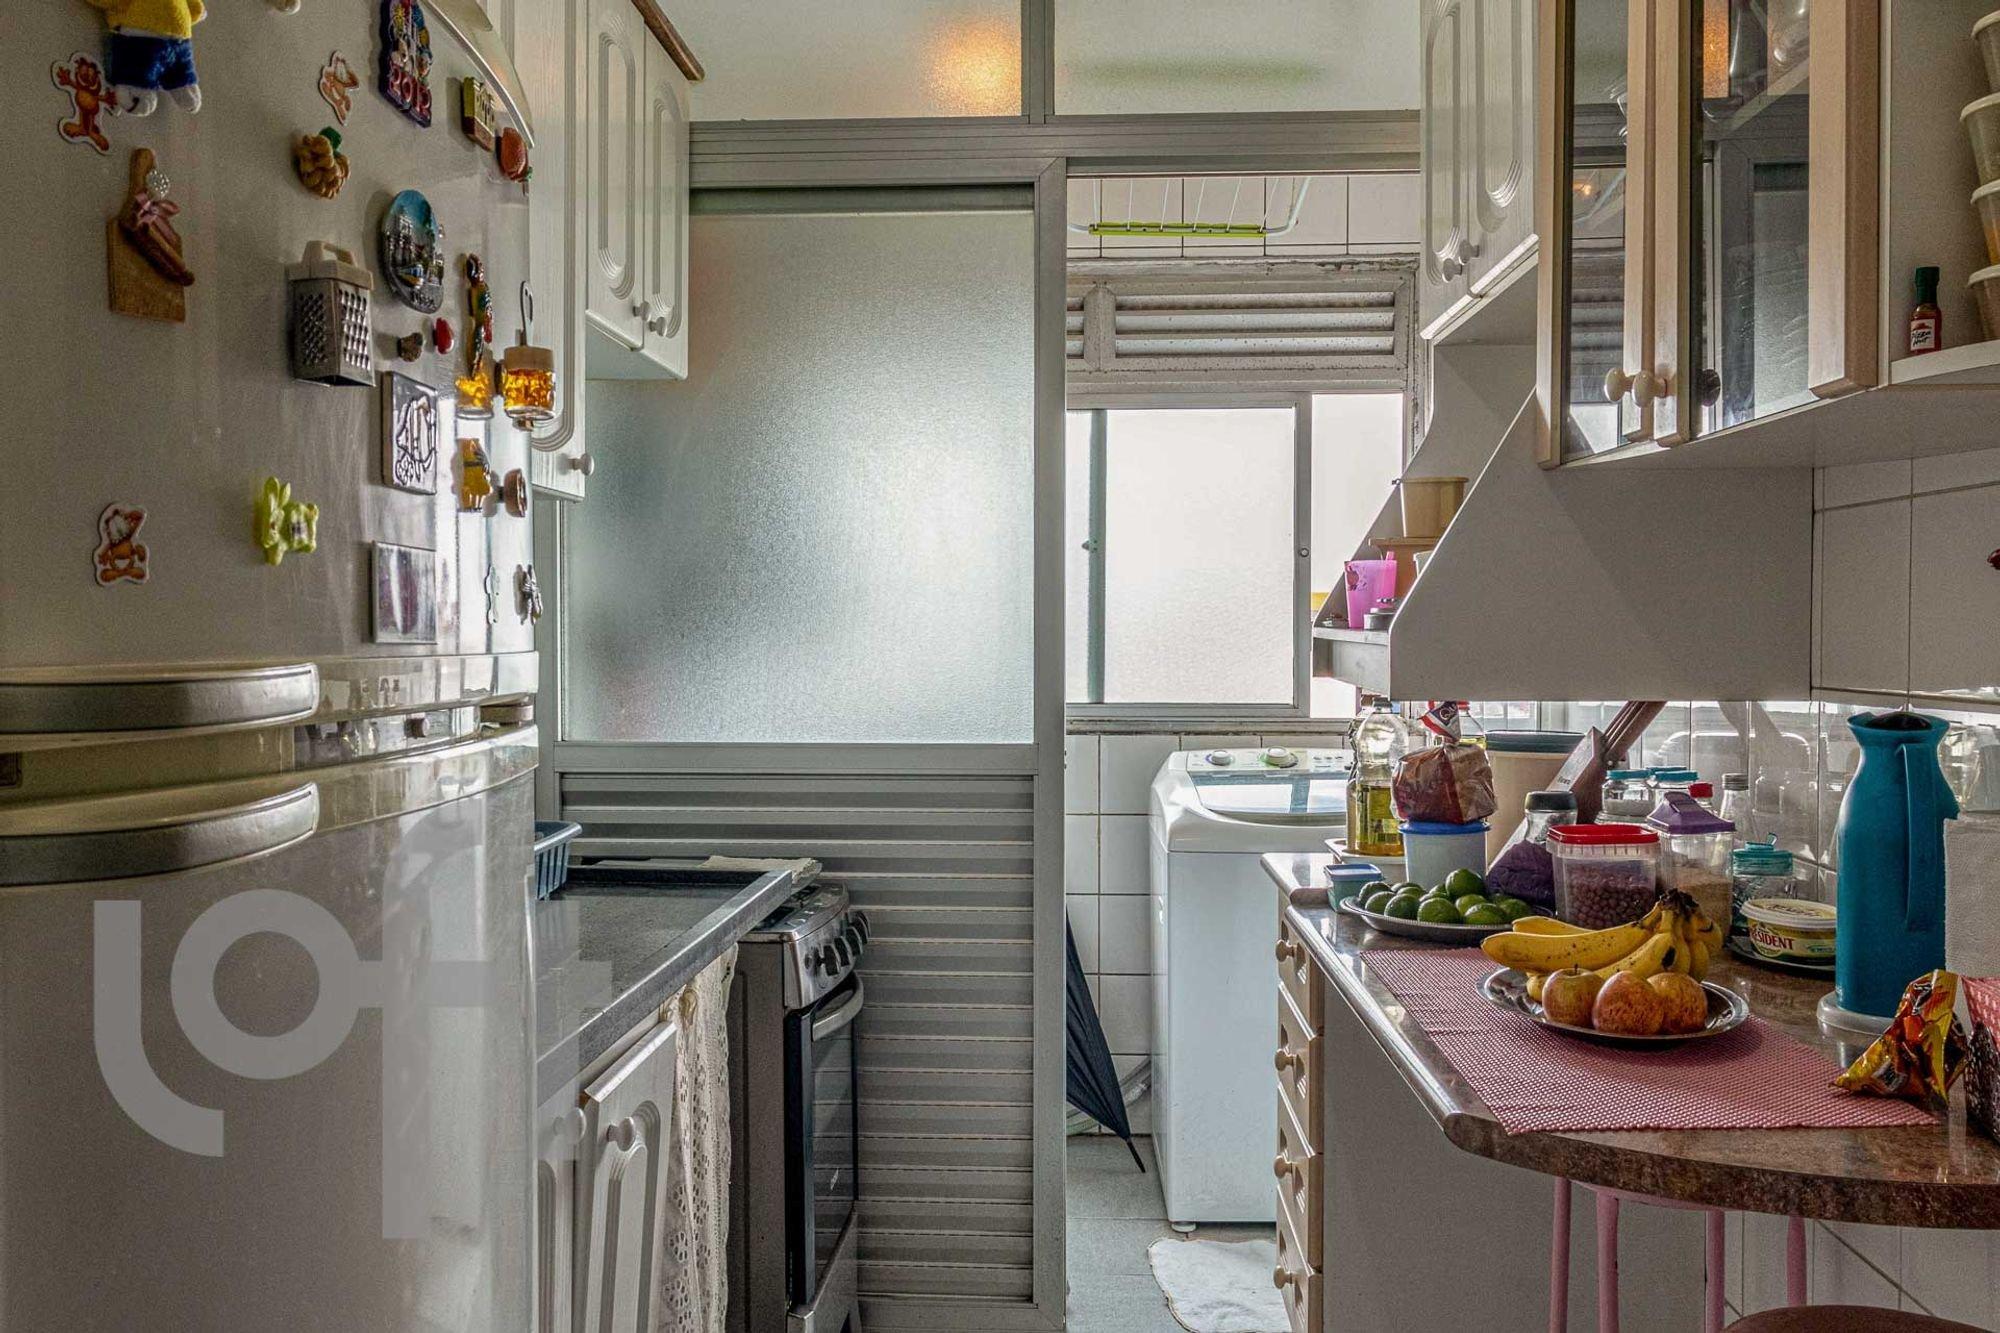 Foto de Cozinha com garrafa, geladeira, pia, mesa de jantar